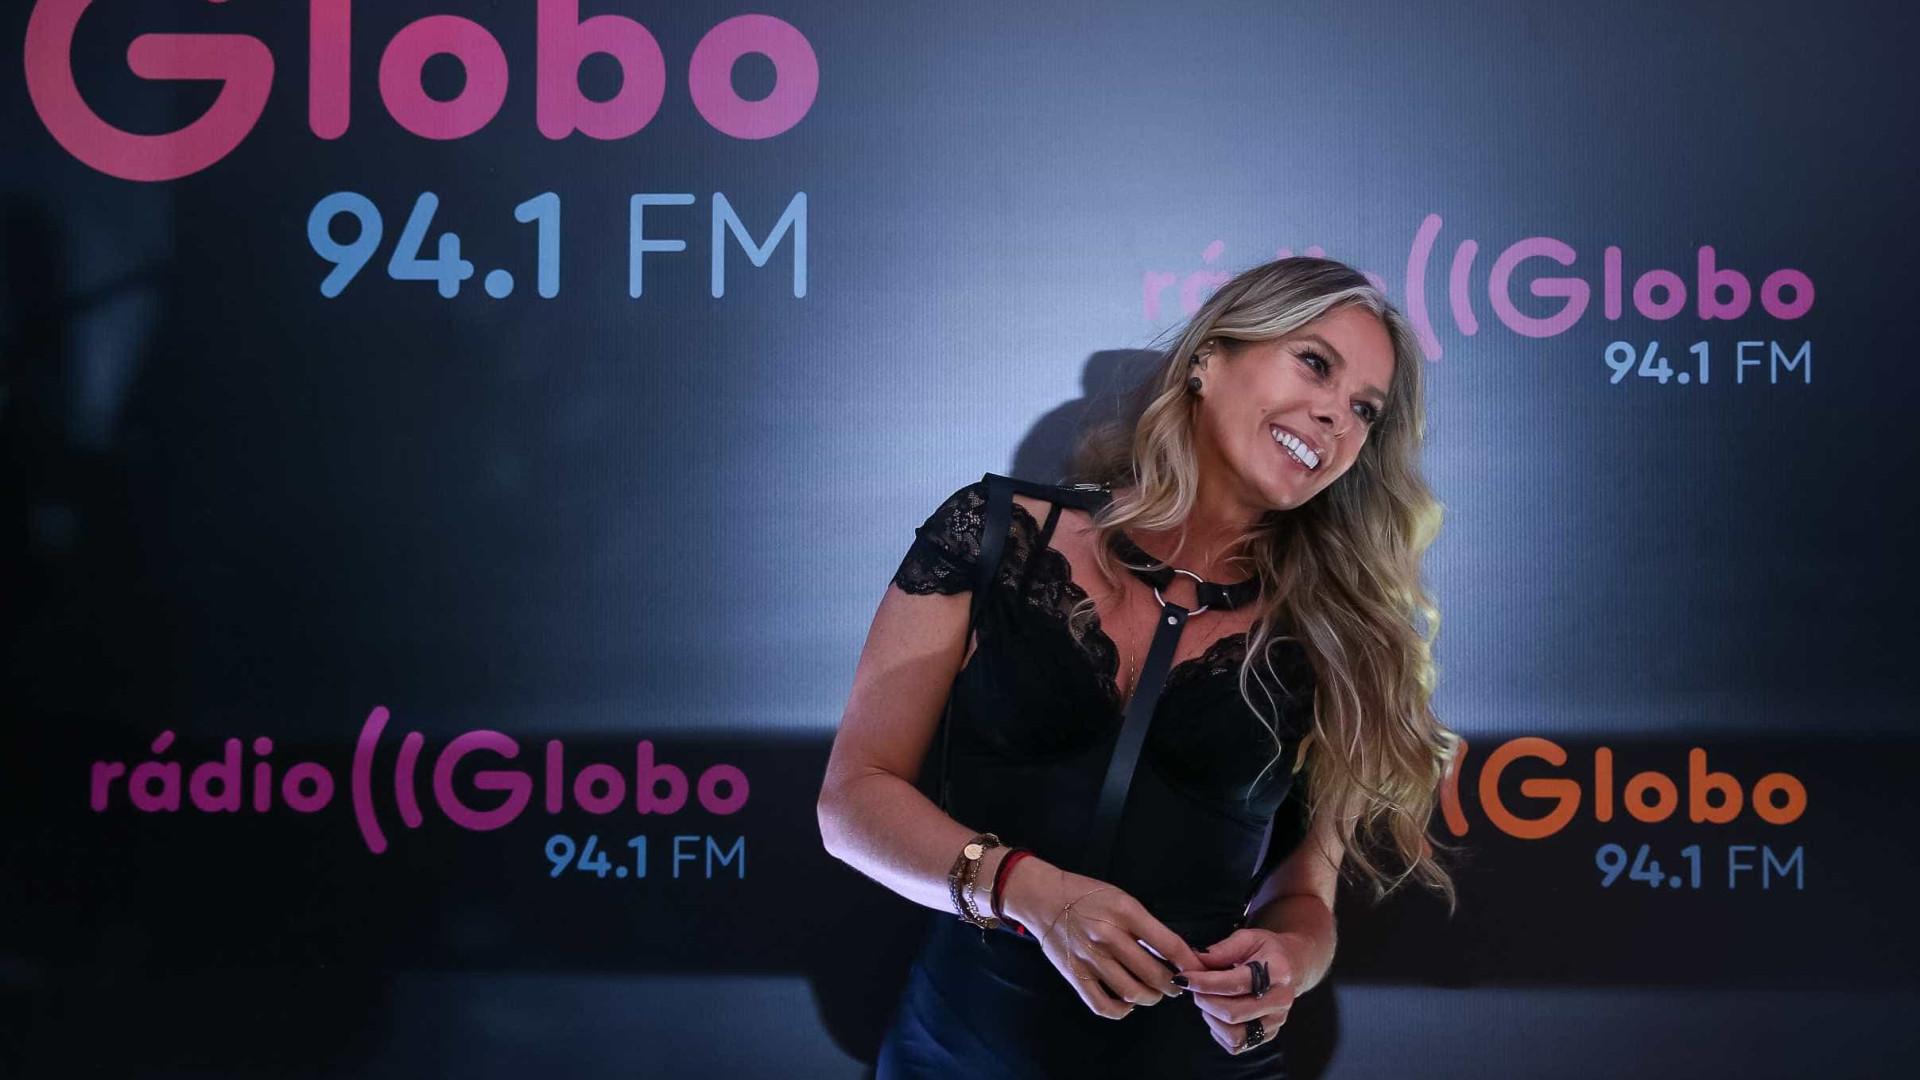 Confirmada na Globo, Adriane Galisteu perde programa na Band News